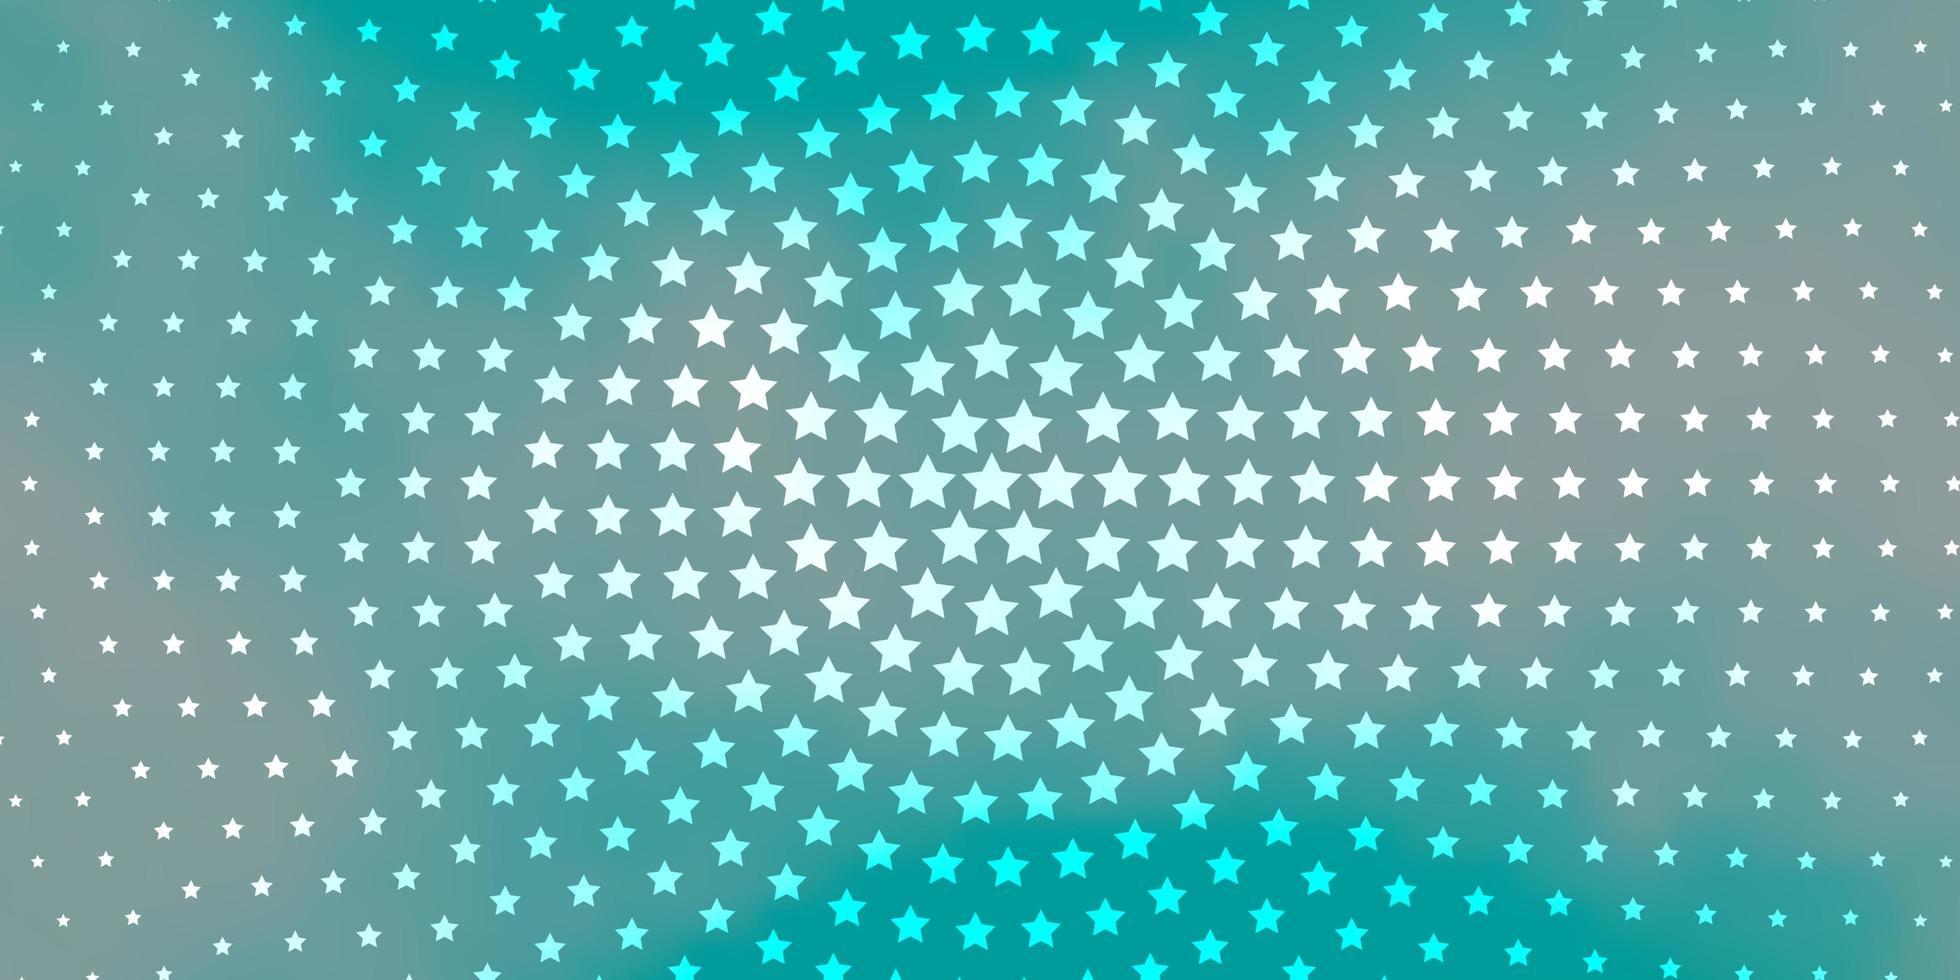 blauer Hintergrund mit bunten Sternen. vektor